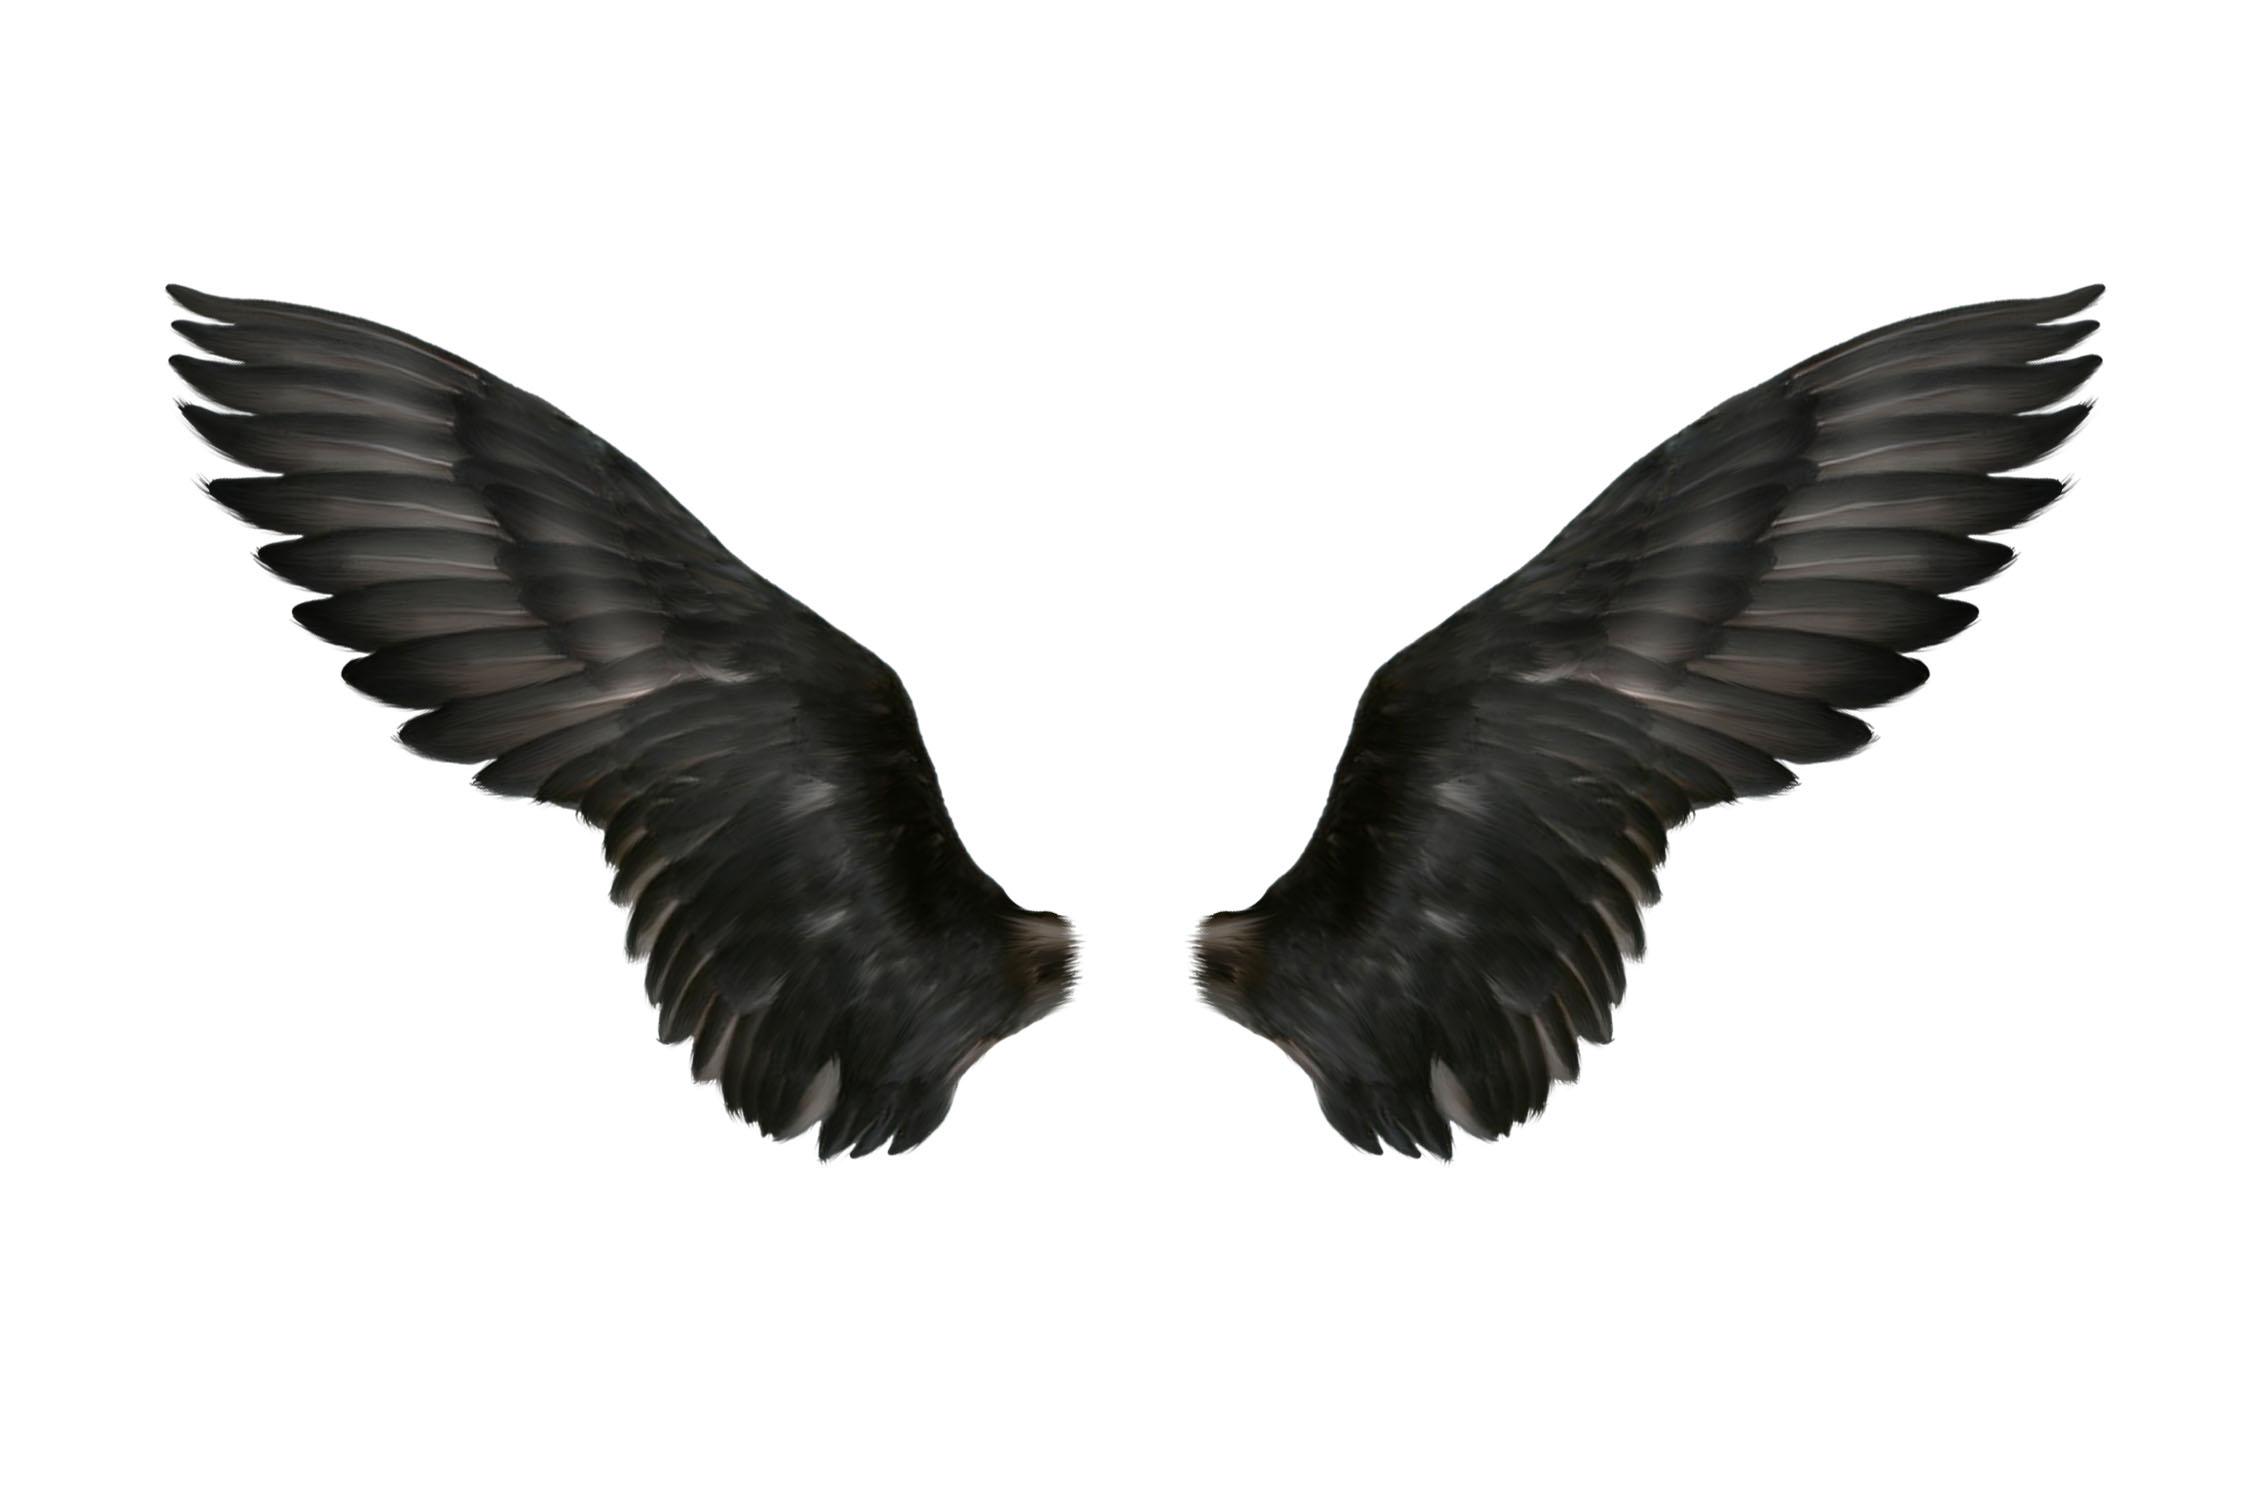 贴图素材 (翅膀)鄙人收藏的东西,较实用.